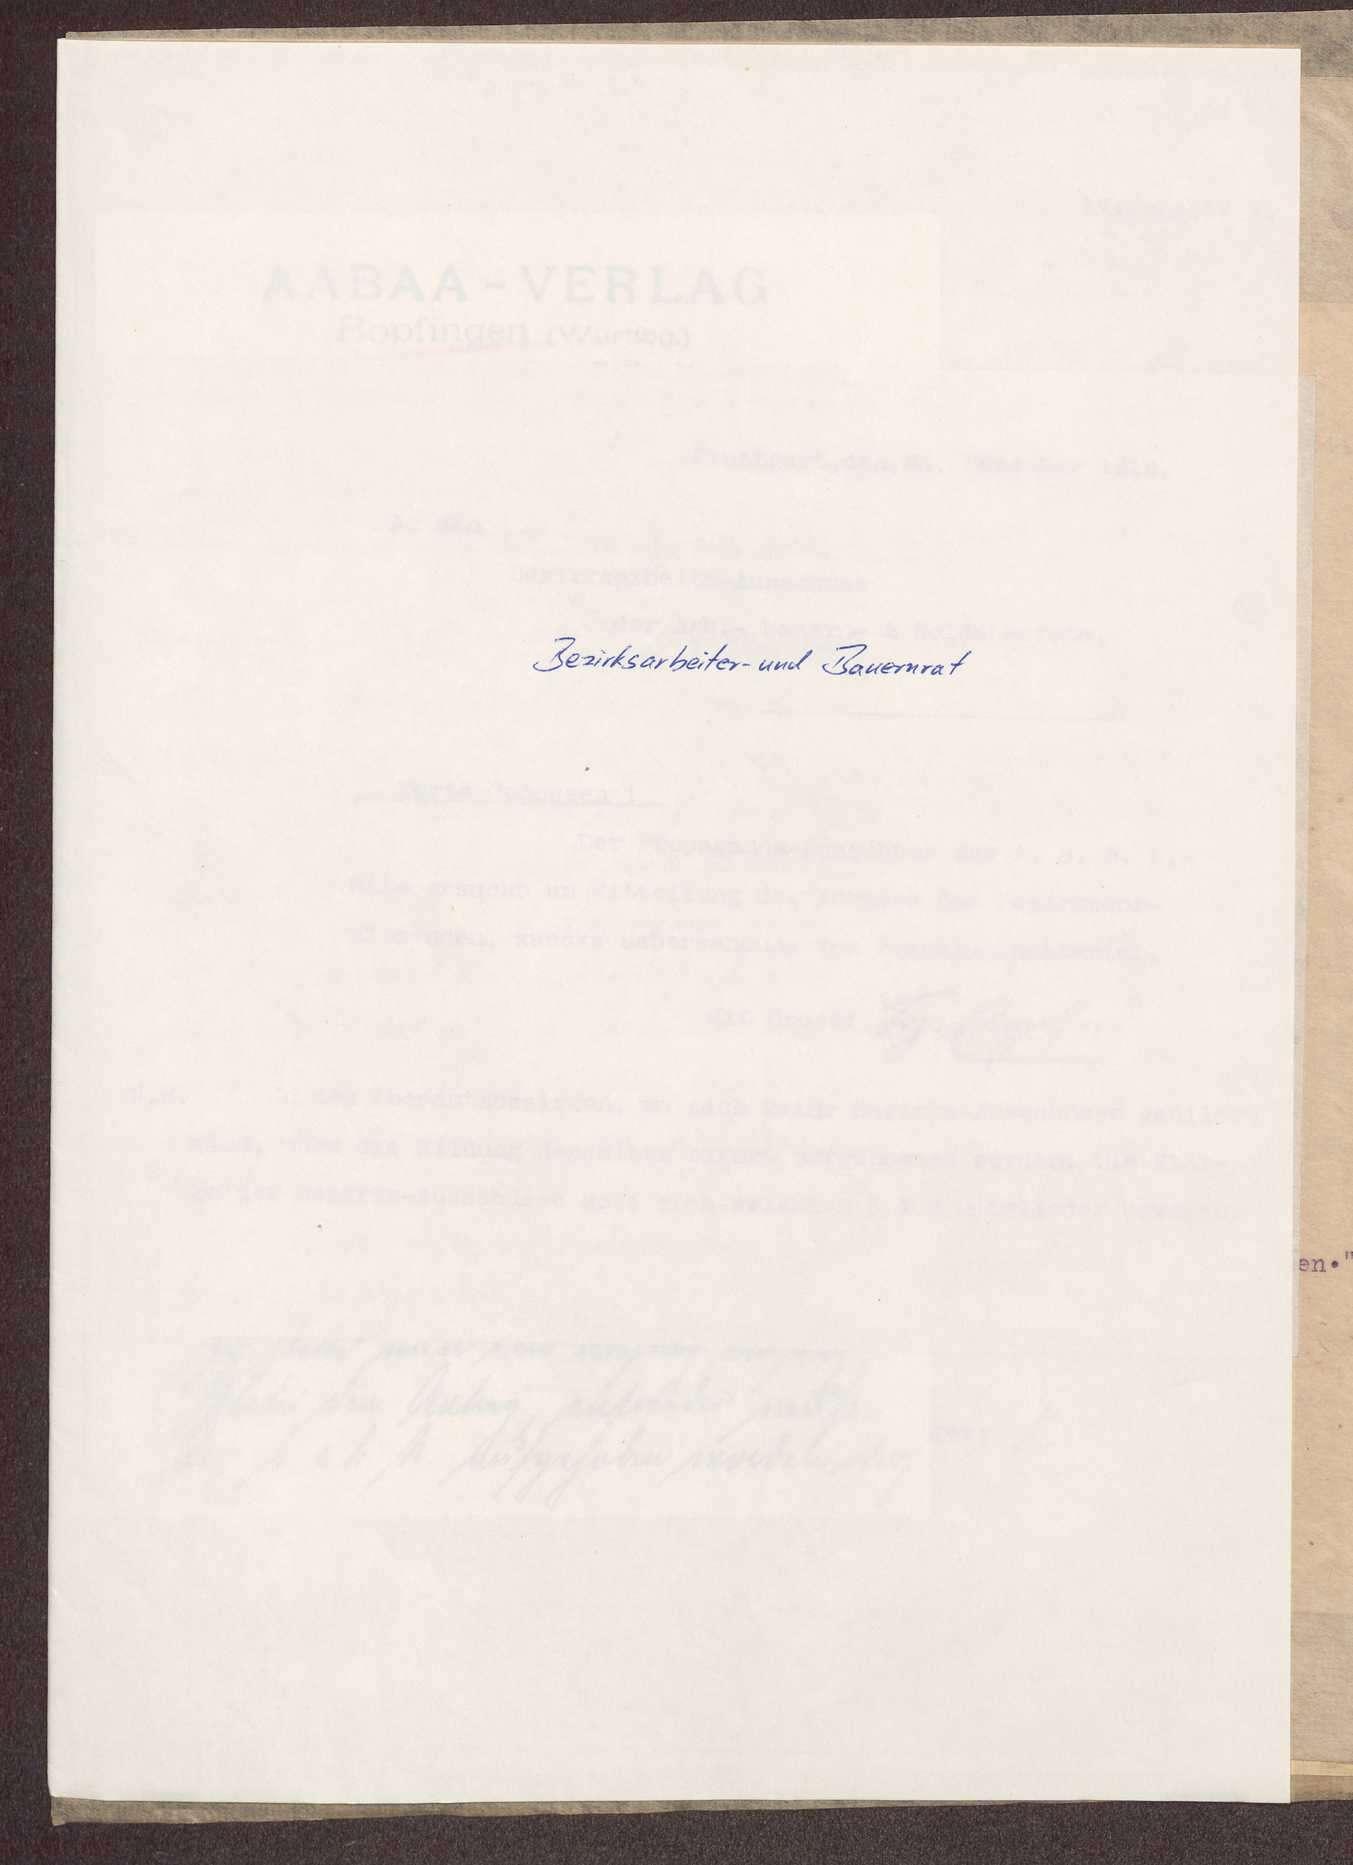 Wahl, Zusammensetzung und Auflösung der Arbeiter- und Bauernräte im Oberamt Neresheim, Bild 1